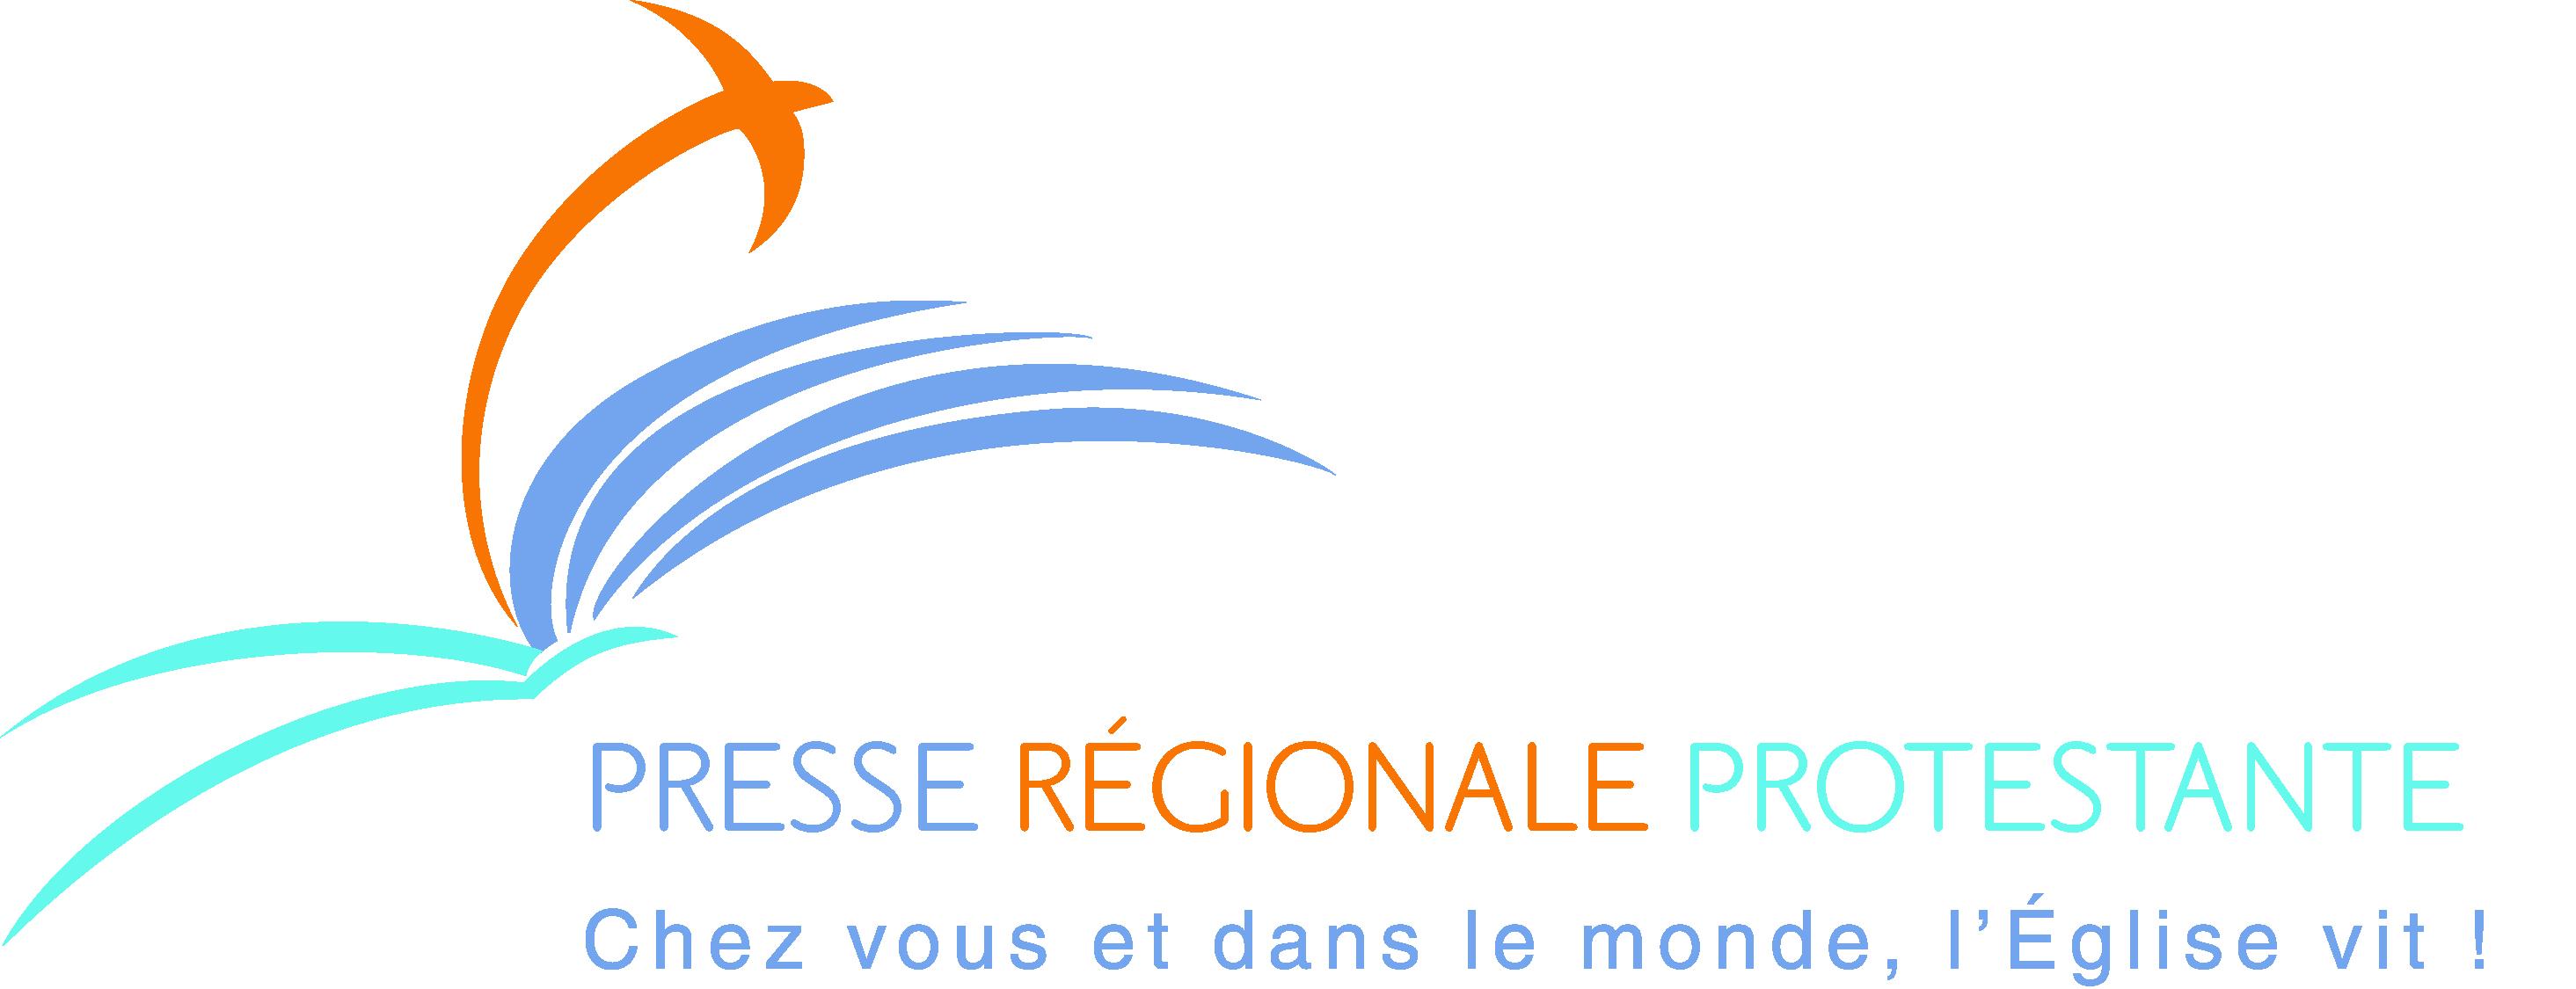 Presse régionale protestante